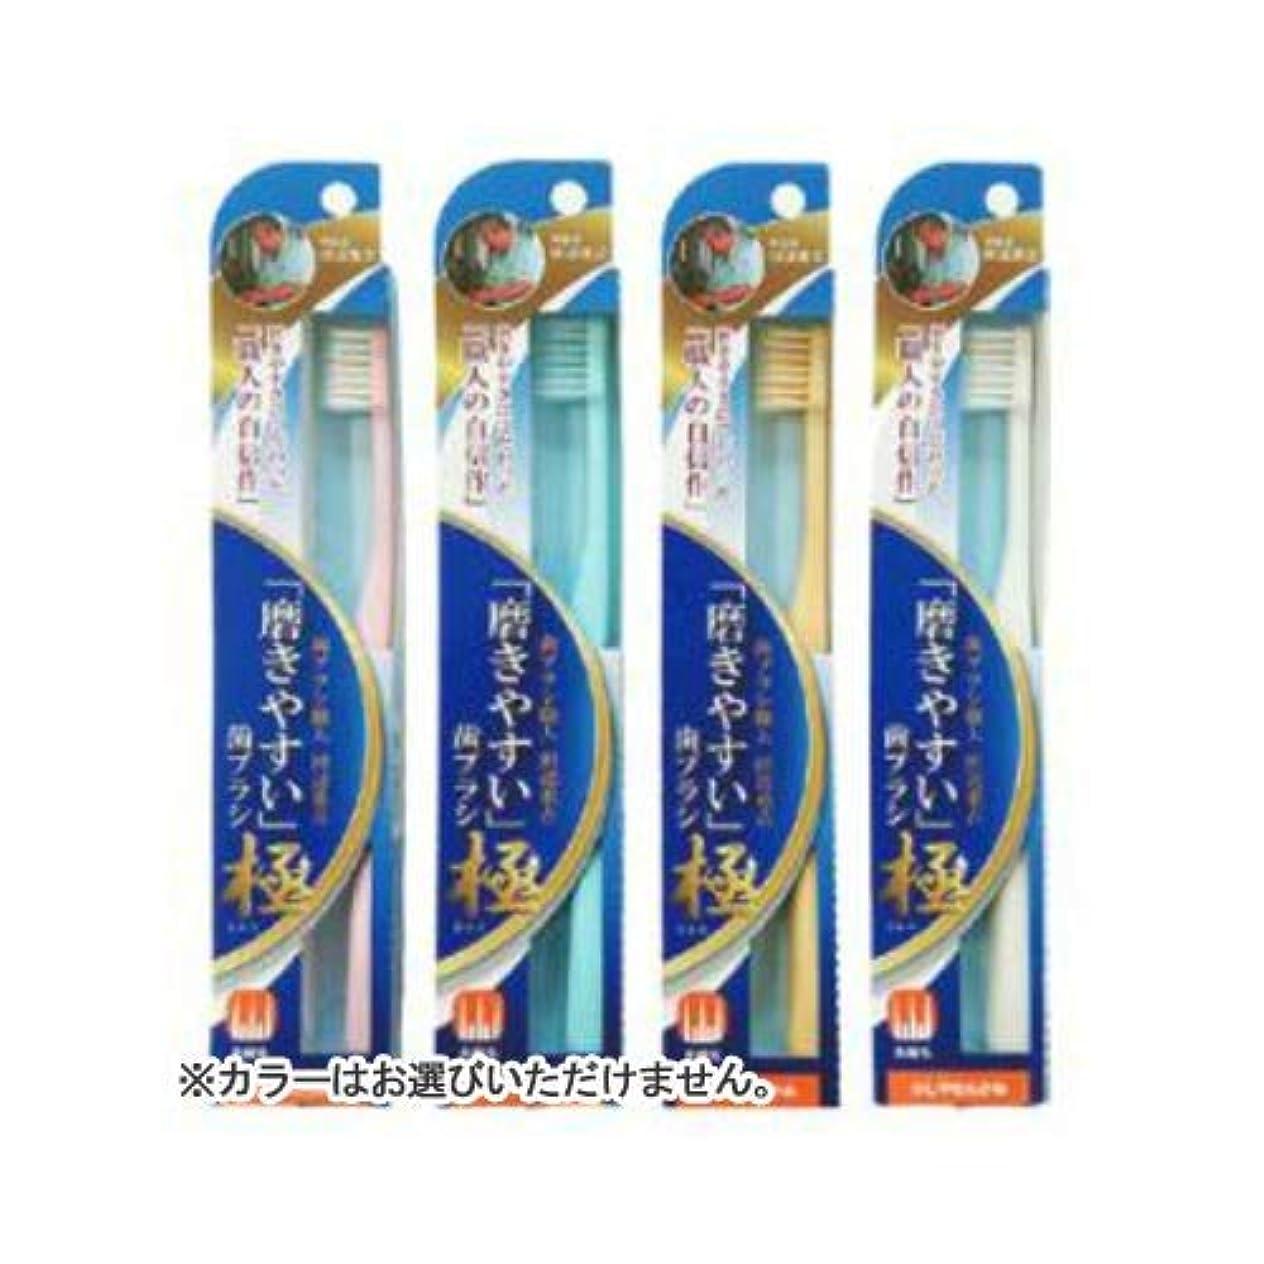 忠実に飽和するウガンダLT-43磨きやすい歯ブラシ極 少しやわらかめ × 12個セット